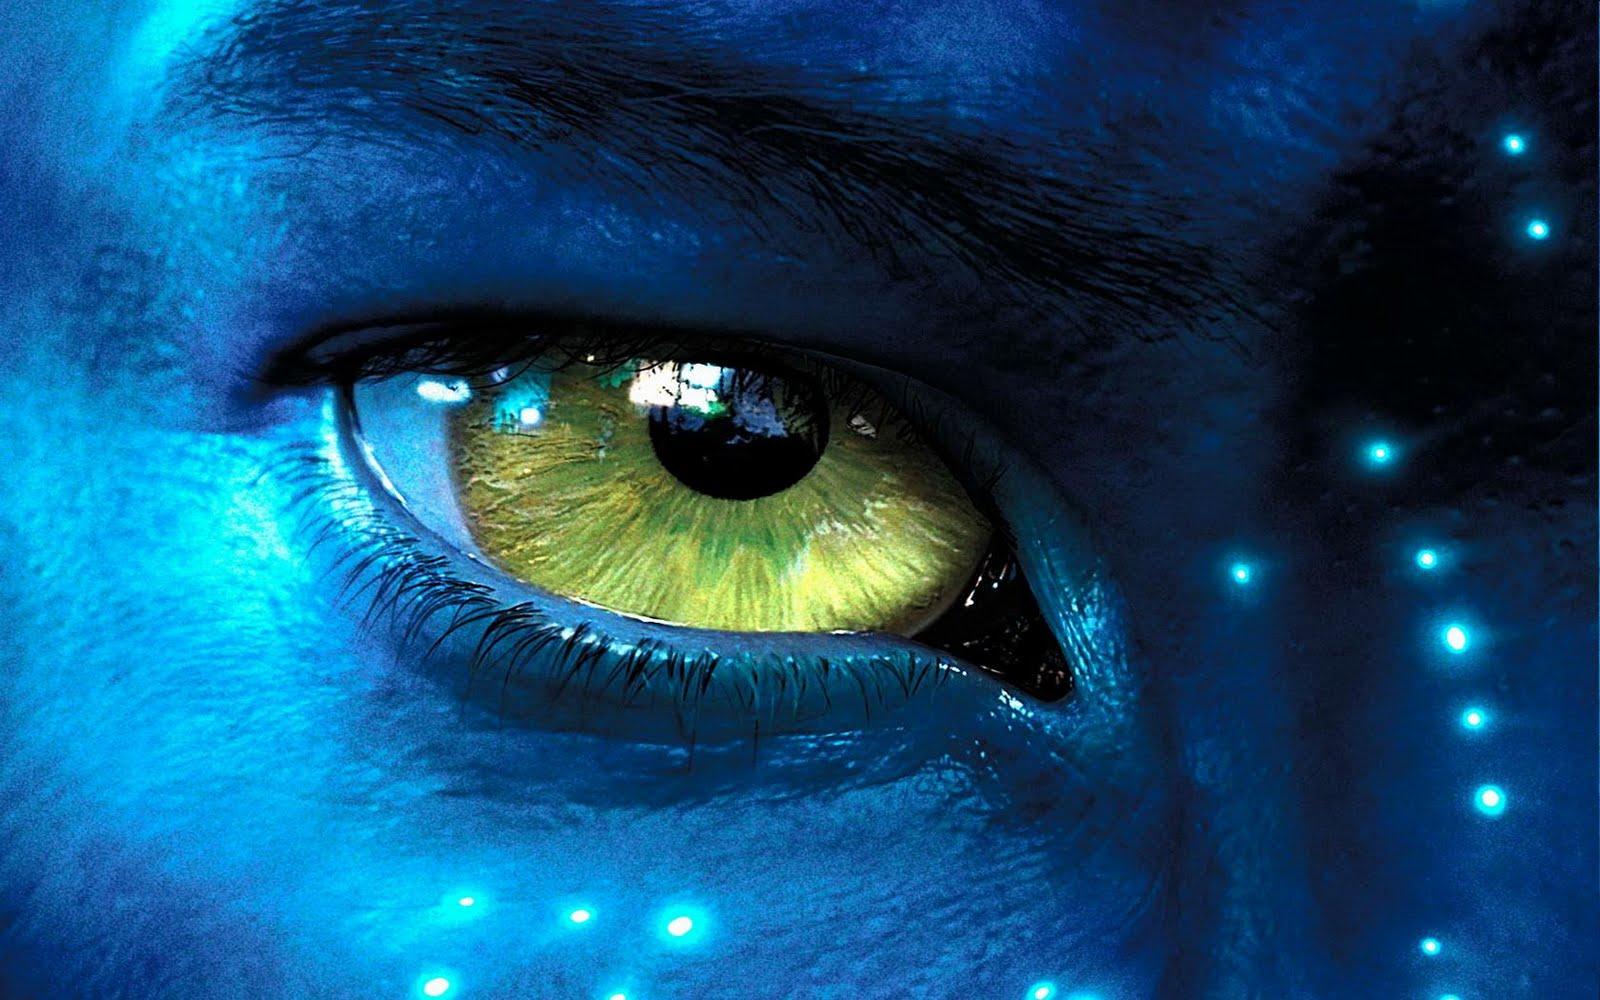 http://2.bp.blogspot.com/-5rEJ4mUA0ns/TmaGKpf69EI/AAAAAAAADI0/1NdZXS08fg4/s1600/Avatar+eye-1940.jpg